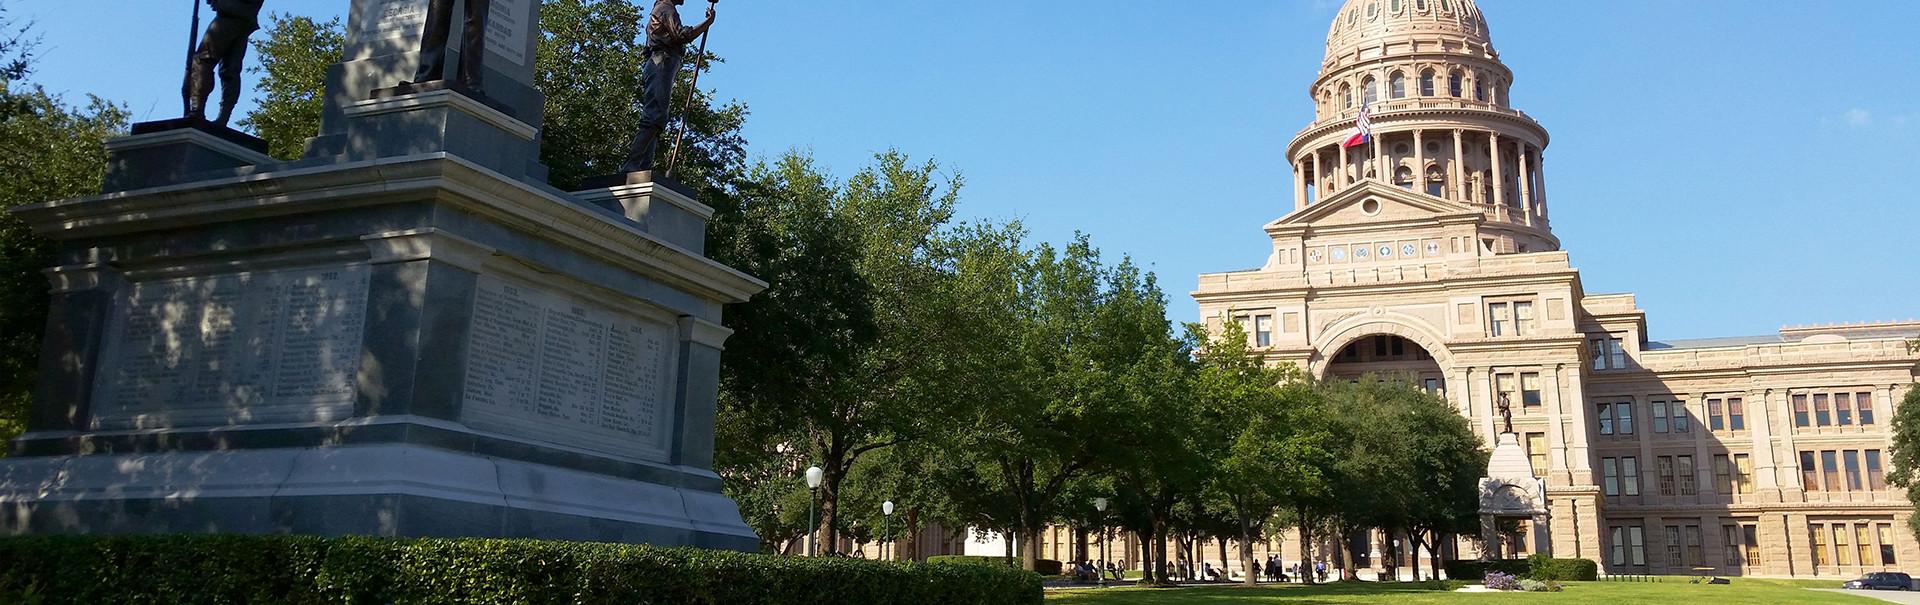 Educatius-St-John-Paul-II-Texas-USA-Stock-Capital-Banner